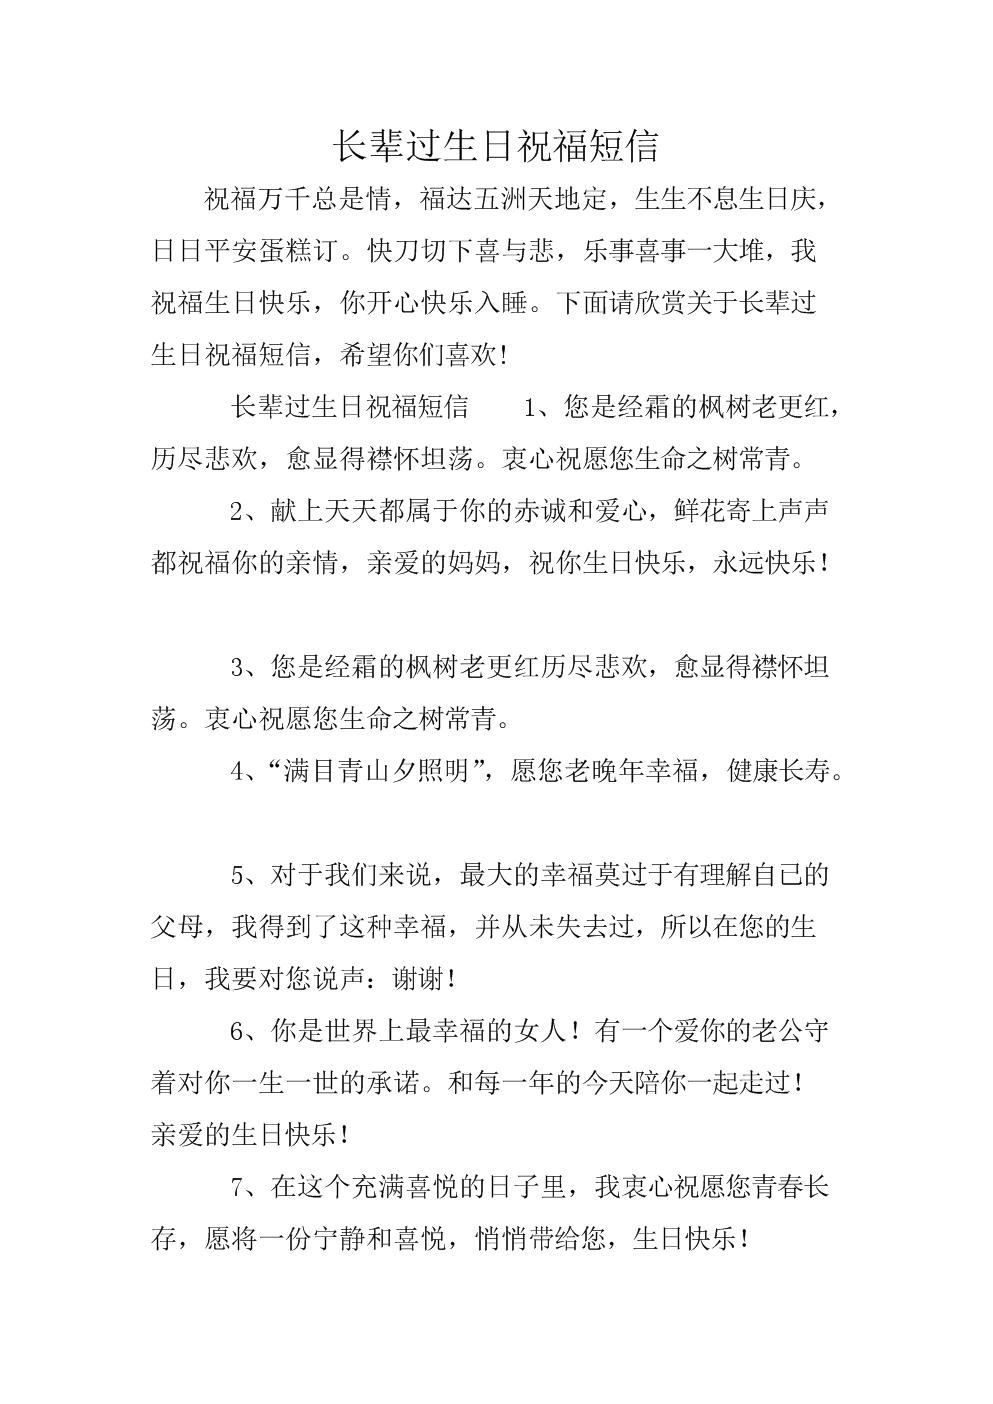 长辈祝寿祝福短信大全.doc